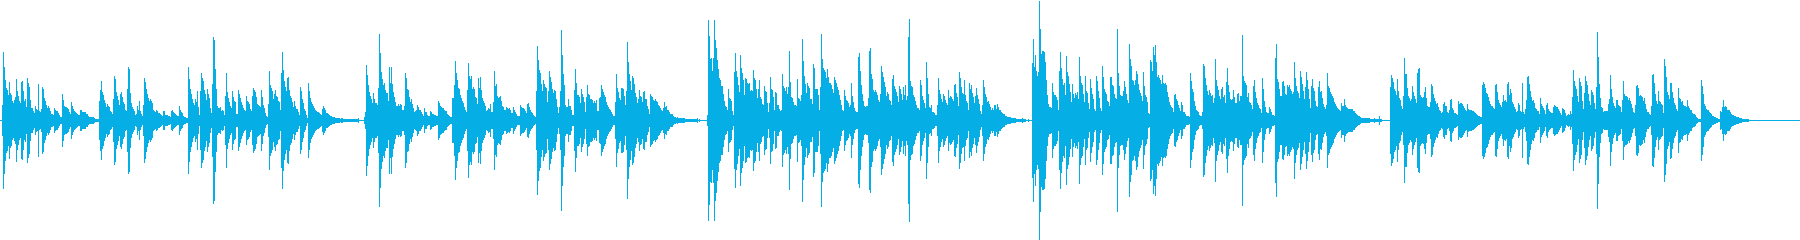 涙 クラシックギター定番曲の再生済みの波形